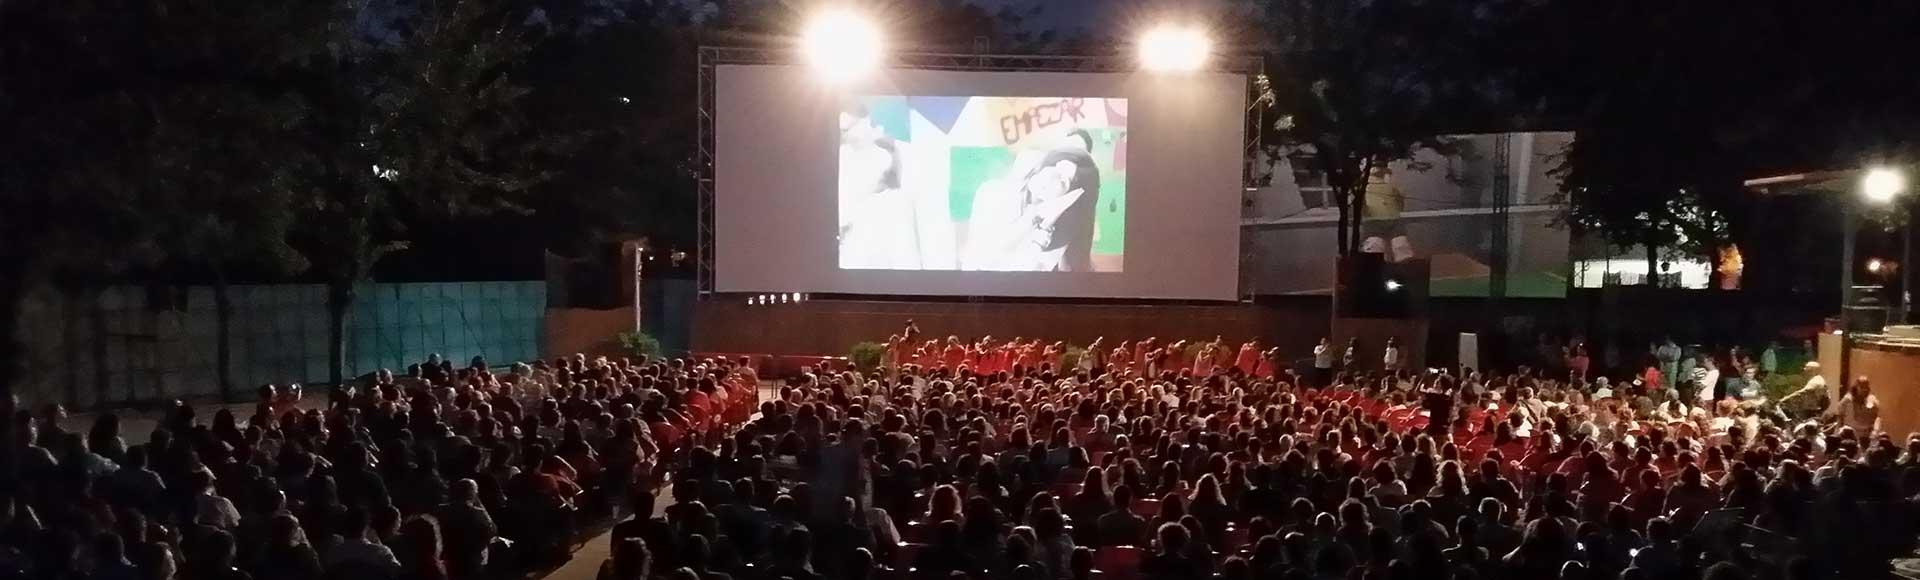 cine verano la bombilla